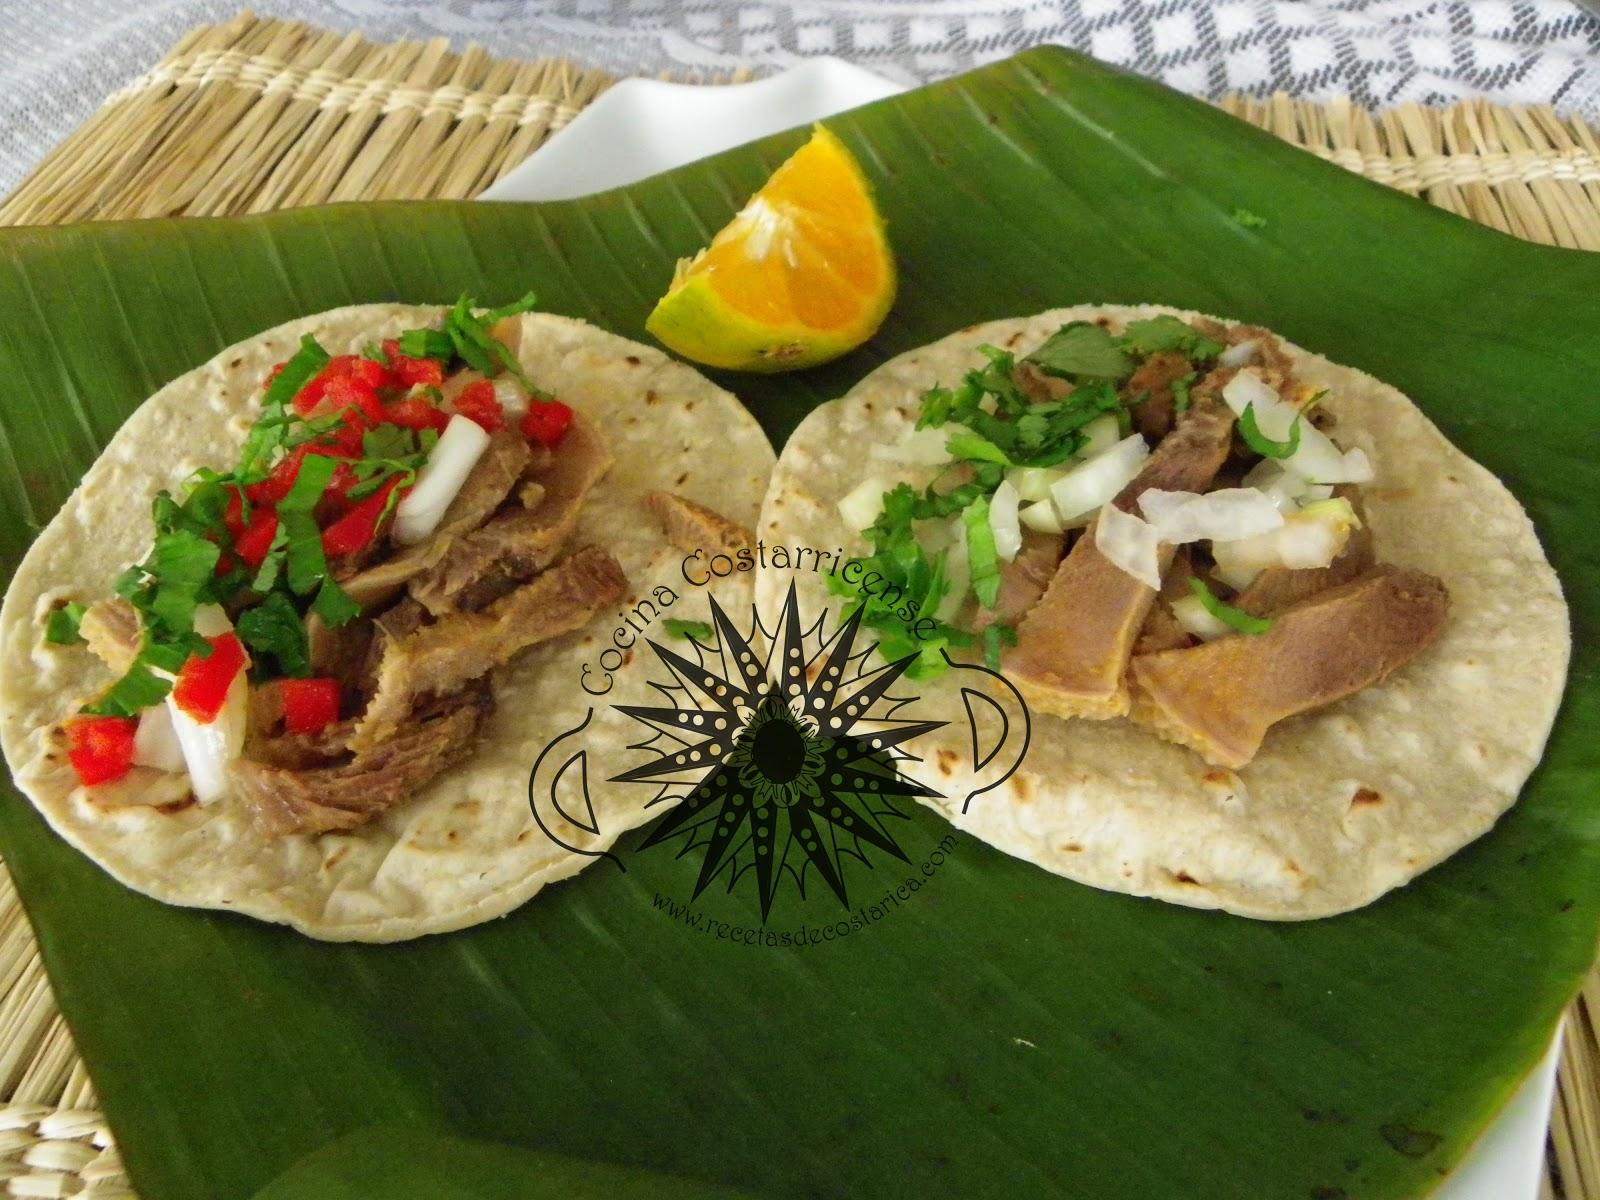 Cocina Costarricense: tacos de lengua